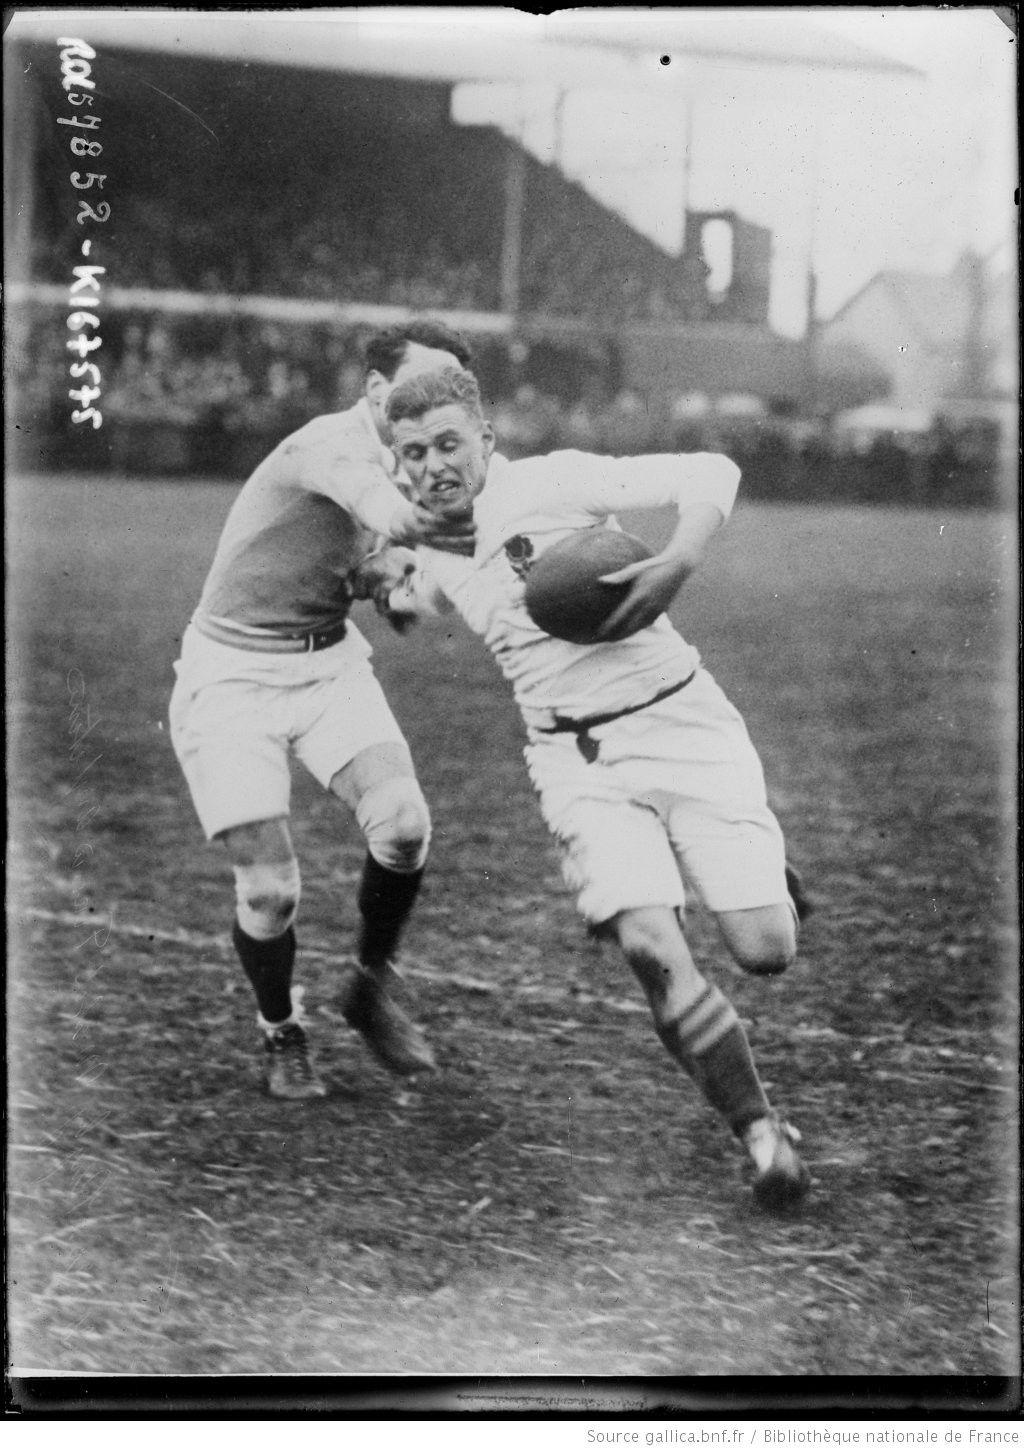 Épinglé sur Rugby